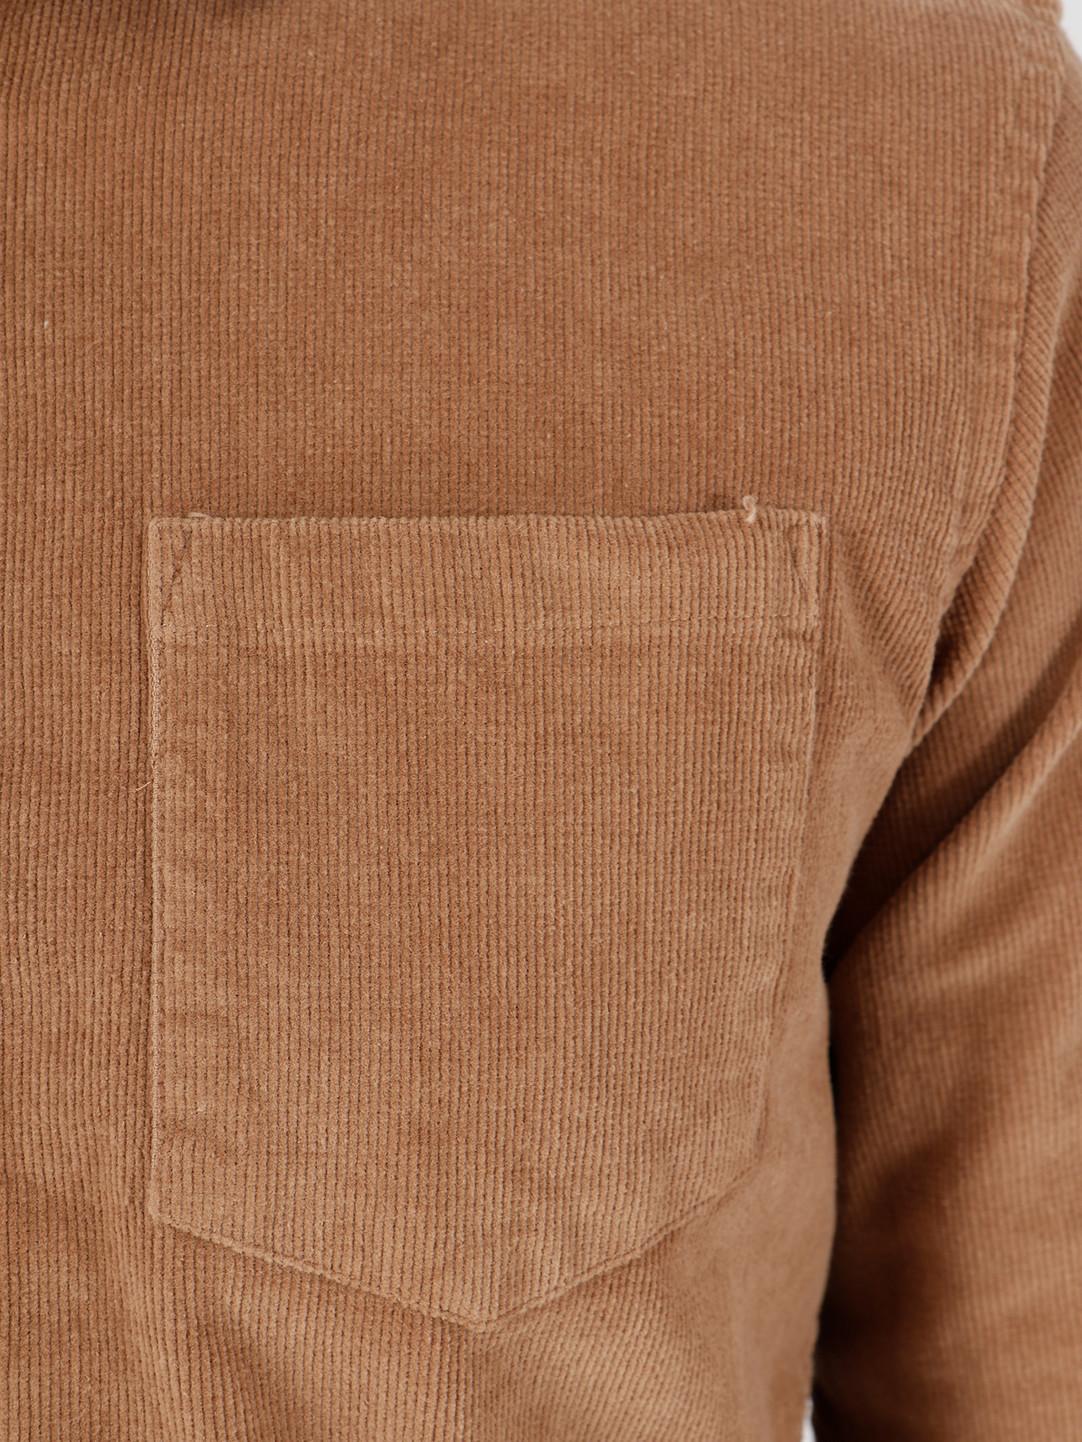 Kronstadt Kronstadt Johan Corduroy Shirt Brown KS2788